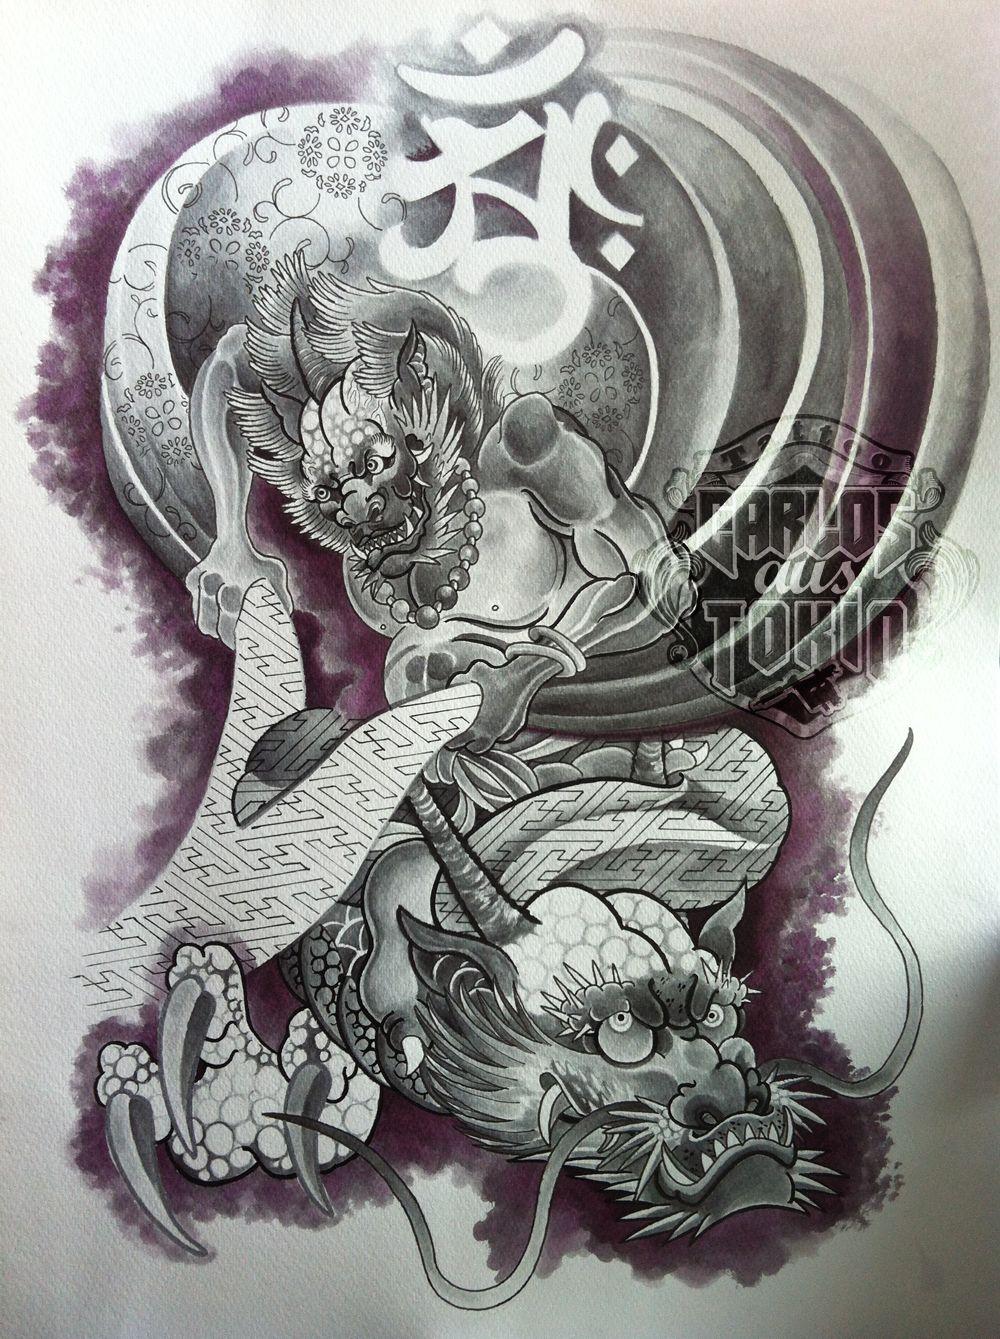 God Of War Tattoo Top Japanese Water God Images For Pinterest Tattoos Hinh Xăm Nghệ Thuật Nhật Bản Hinh Xăm Phượng Hoang